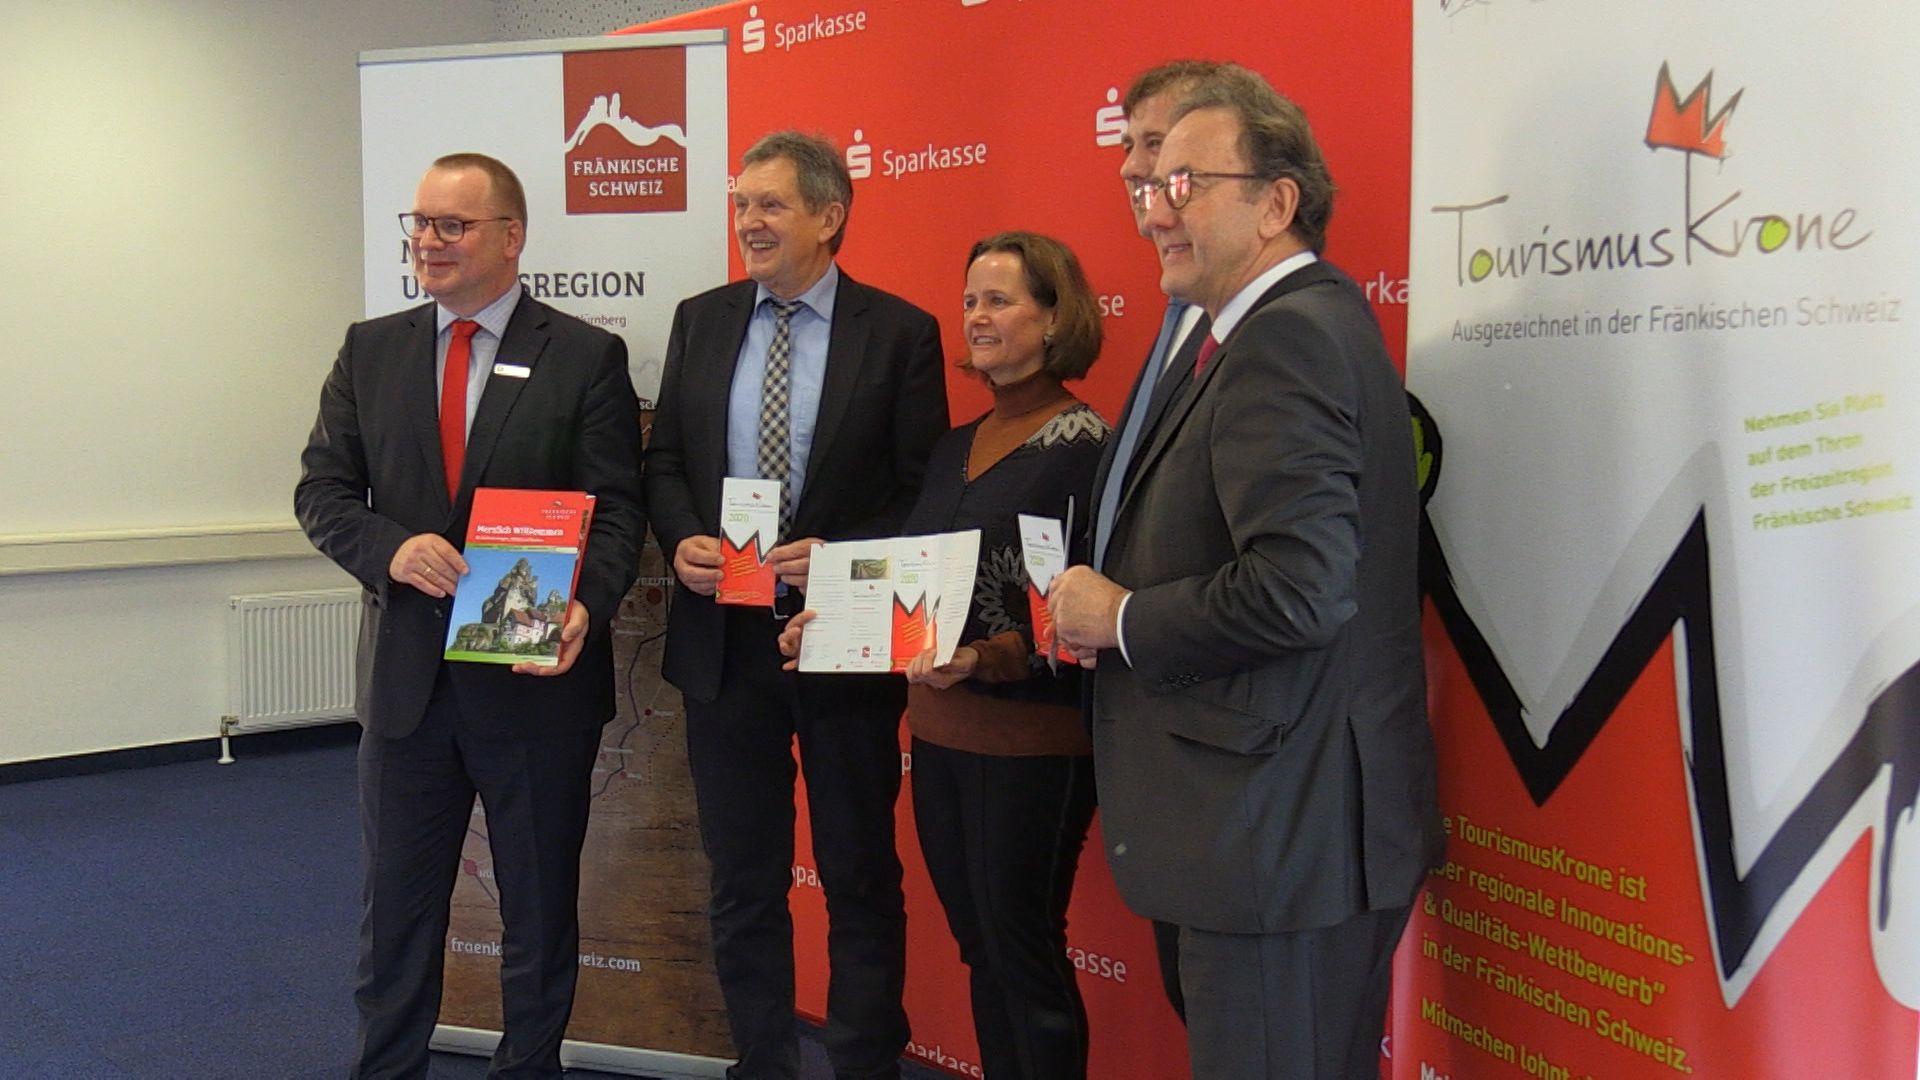 """Die Tourismuszentrale Fränkische Schweiz vergibt die """"Tourismuskrone"""""""